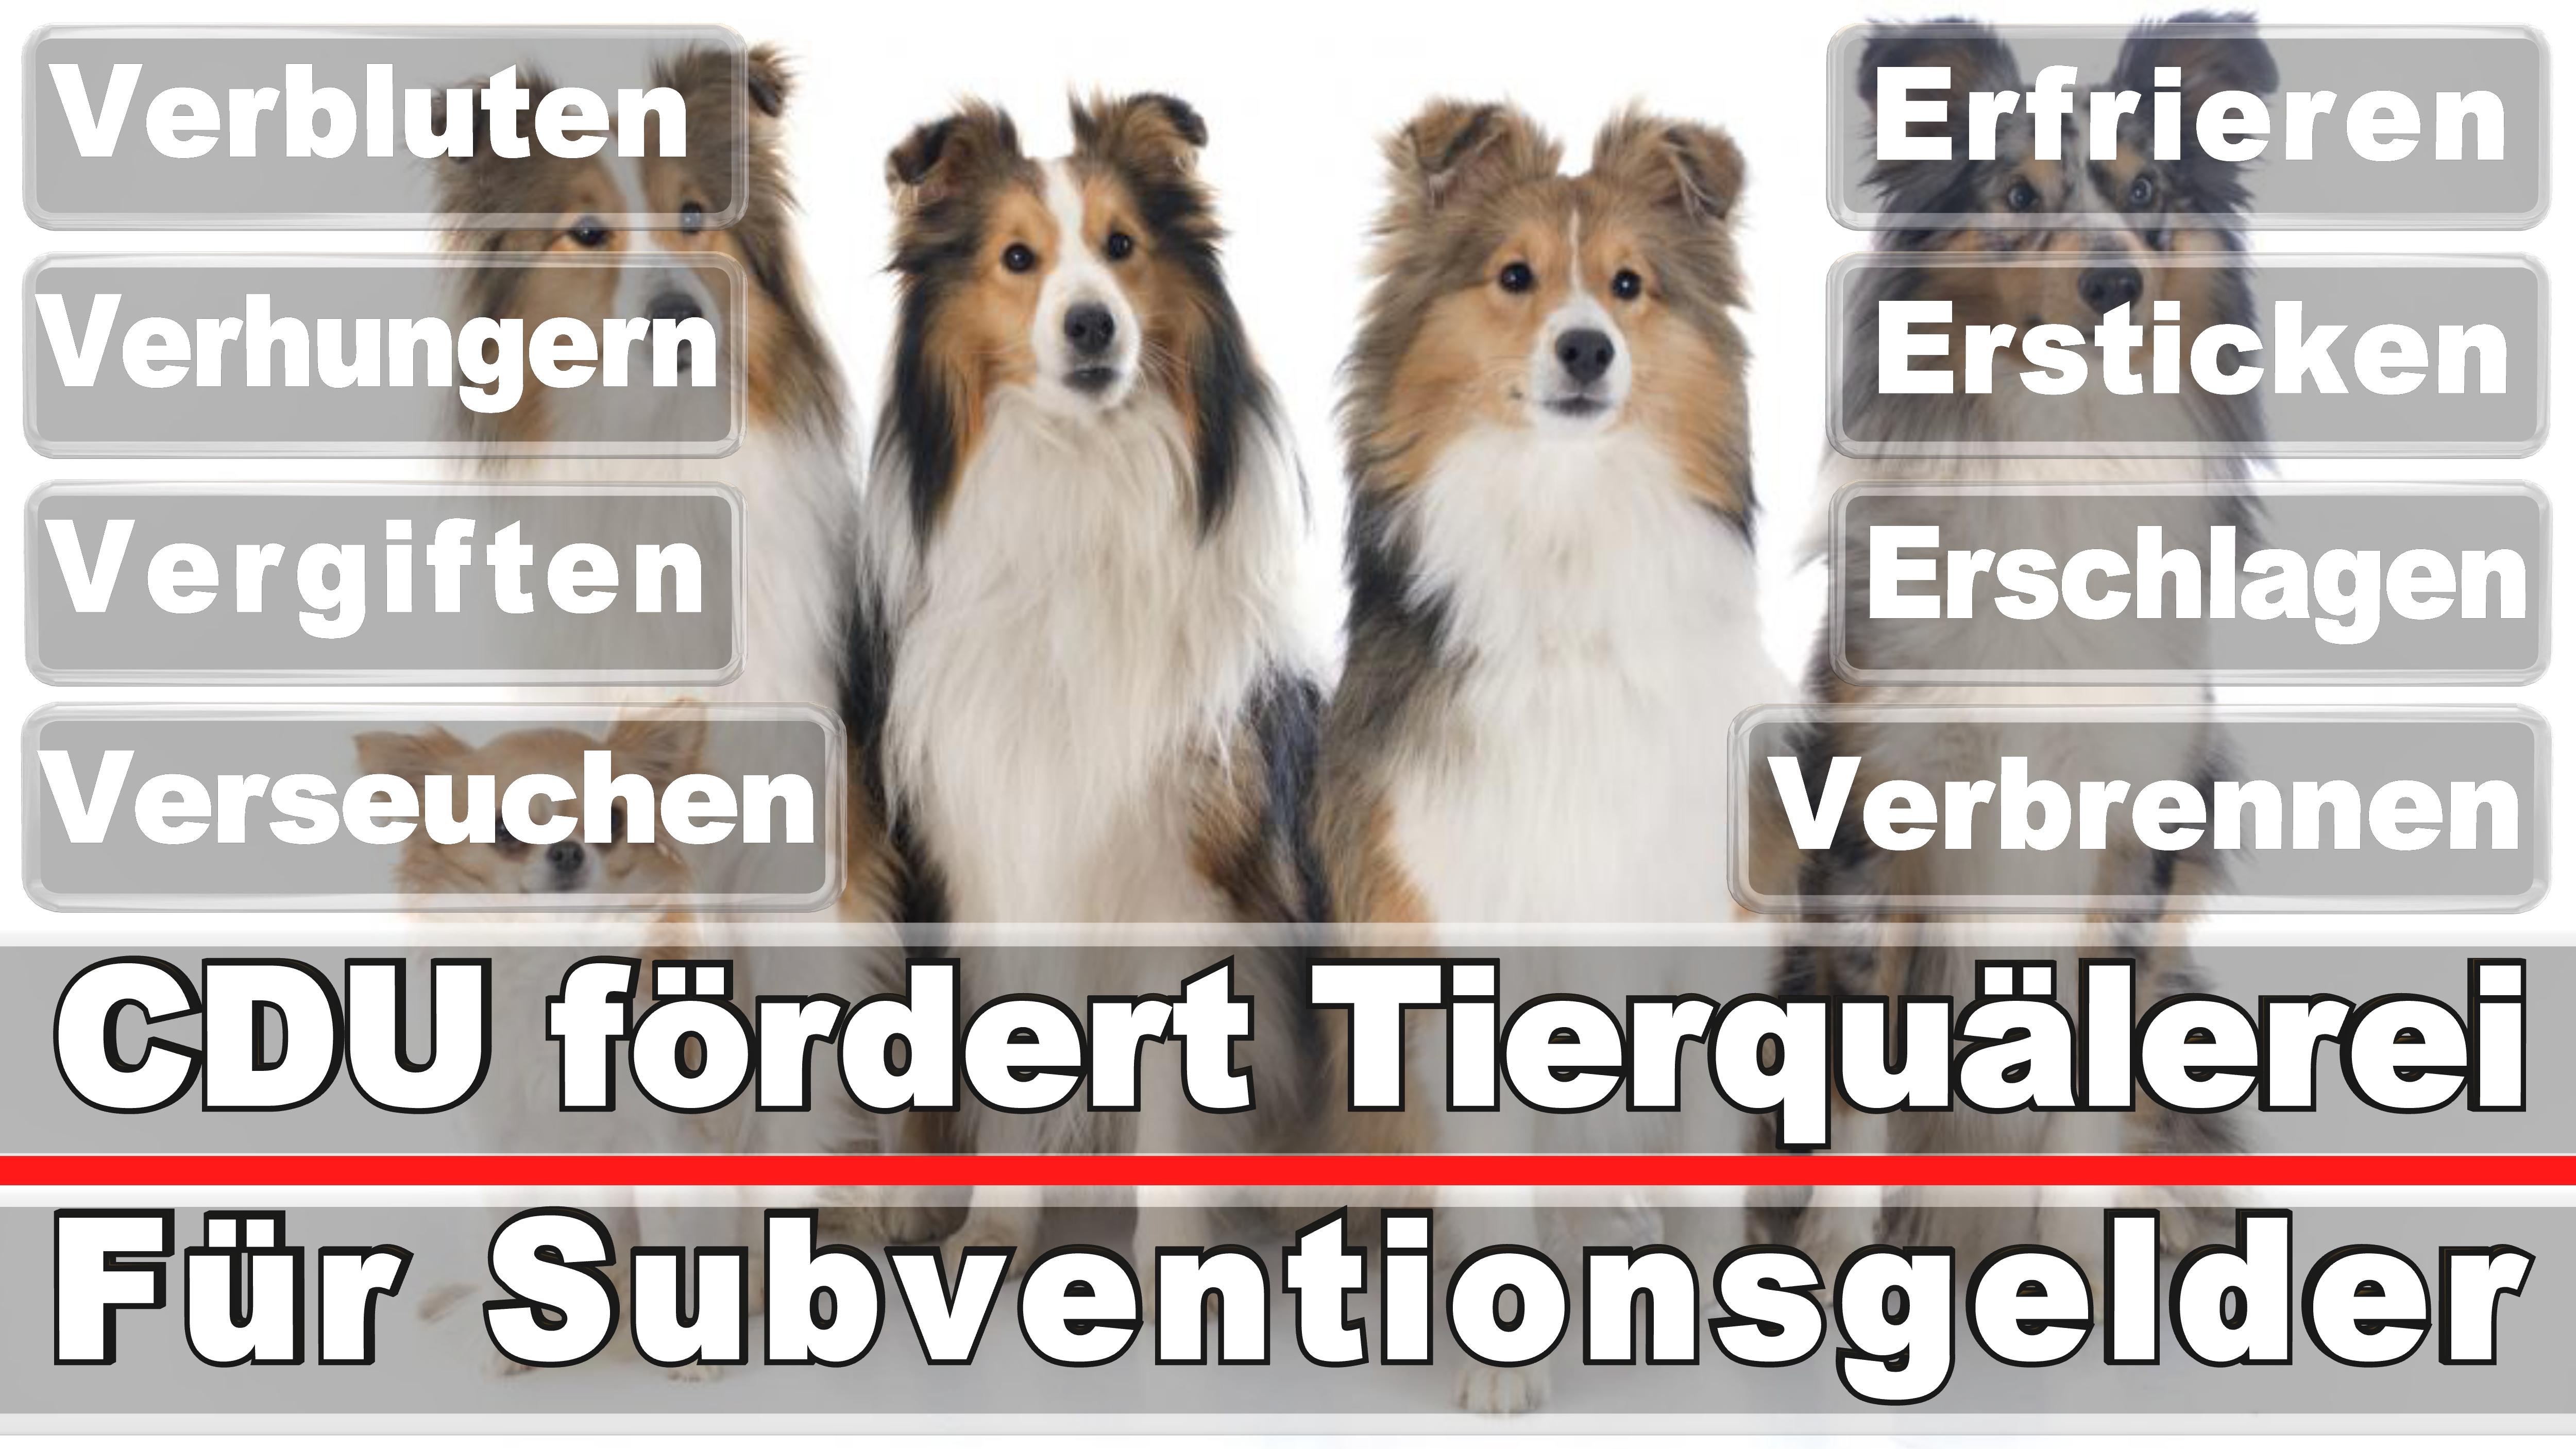 Landtagswahl-Bundestagswahl-CDU-SPD-FDP-AFD-Linke-Piraten (52)